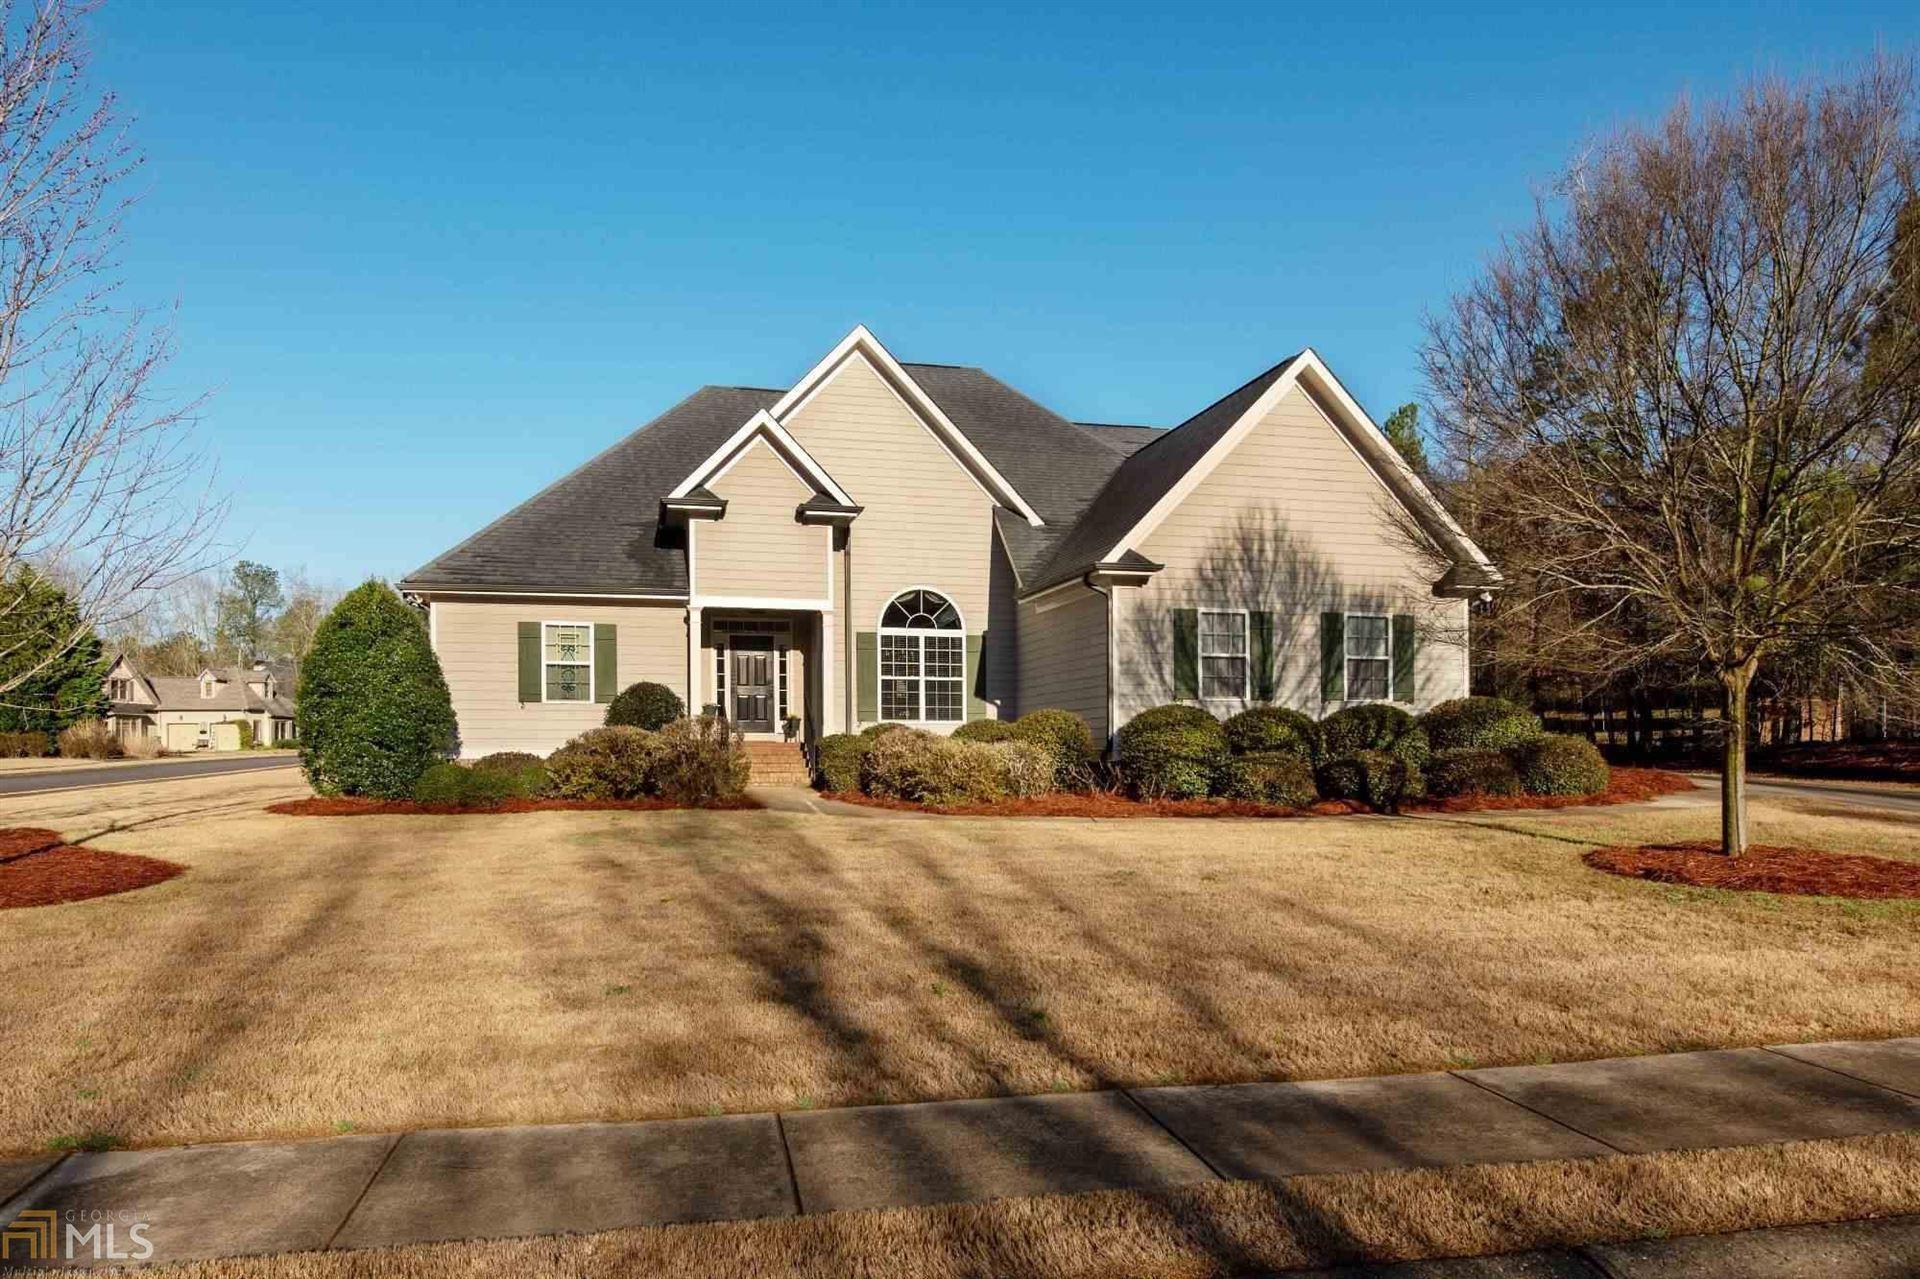 Photo for 3202 Fern Hill Rd, Bogart, GA 30622 (MLS # 8749624)